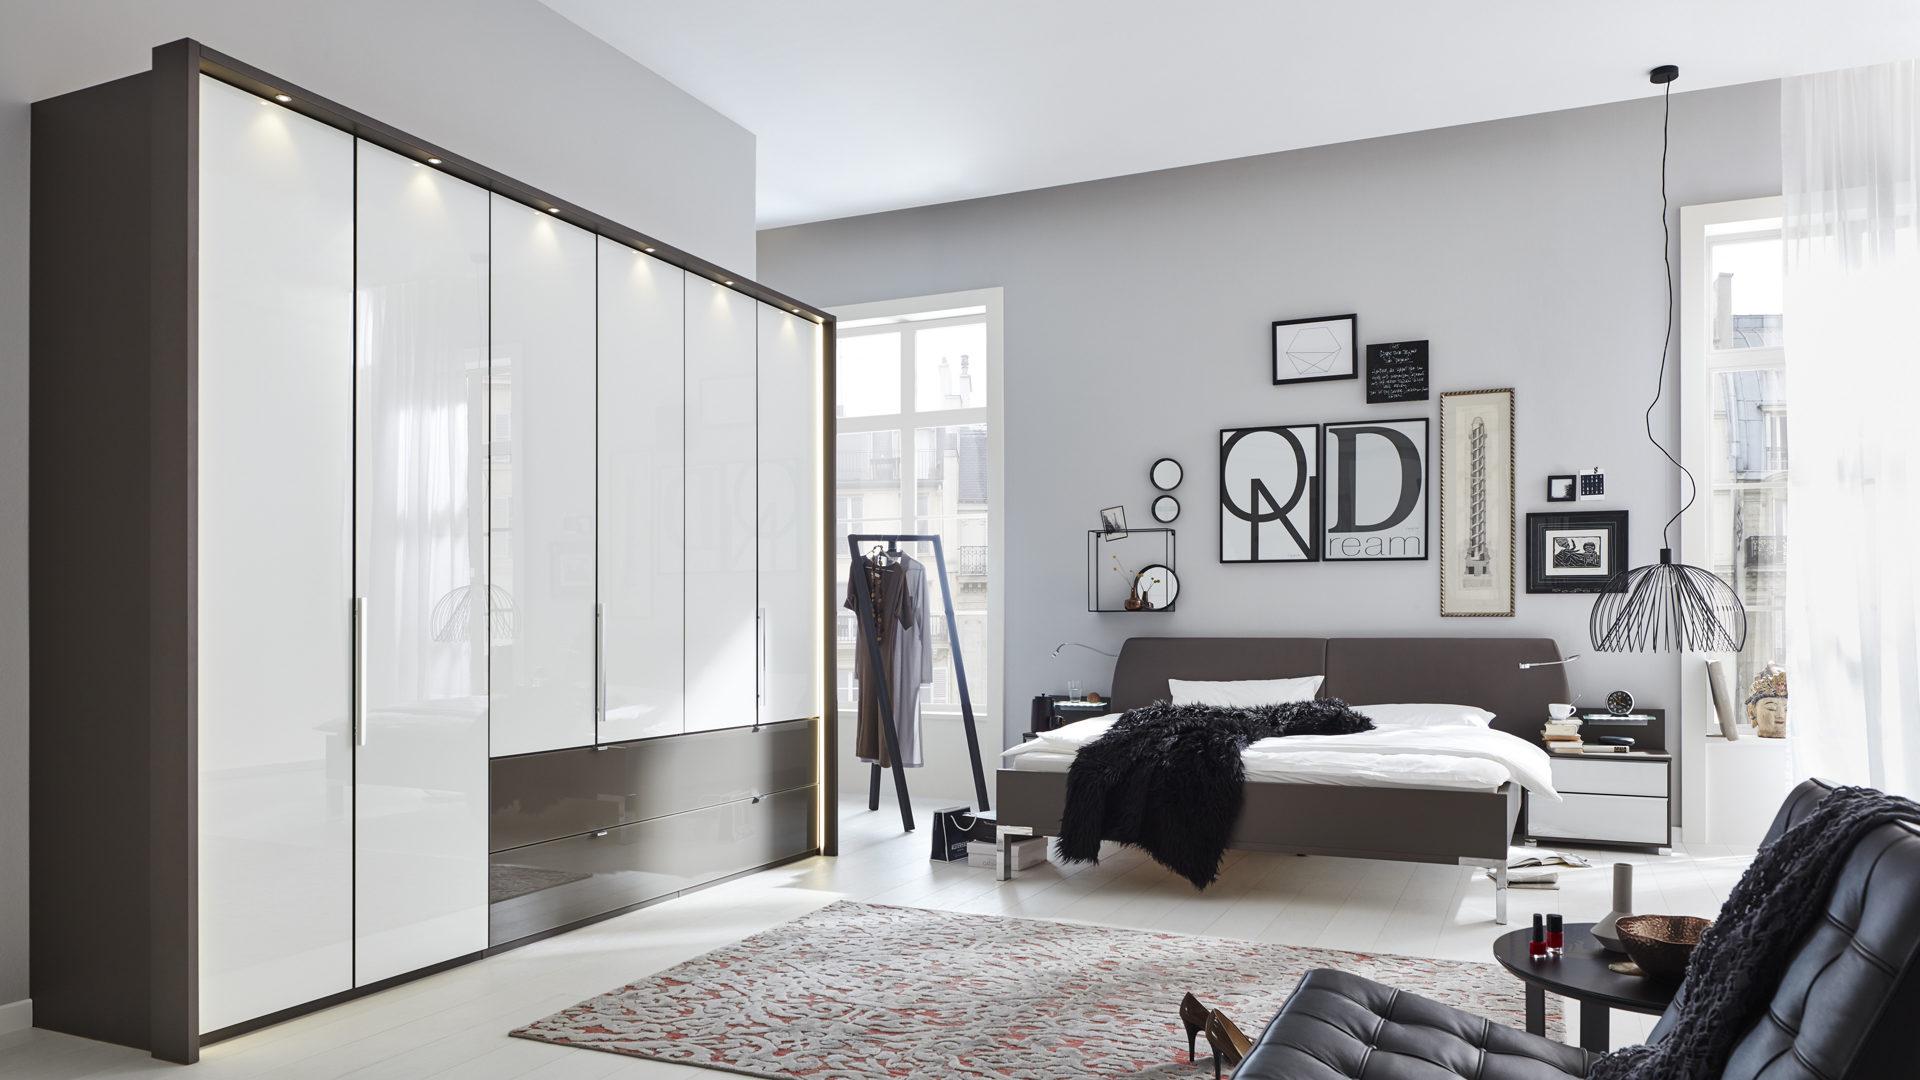 Interliving Schlafzimmer Serie 1006 – Schlafzimmerkombination, alpinweiße &  havannafarbene Kunststoffoberflächen – viertei